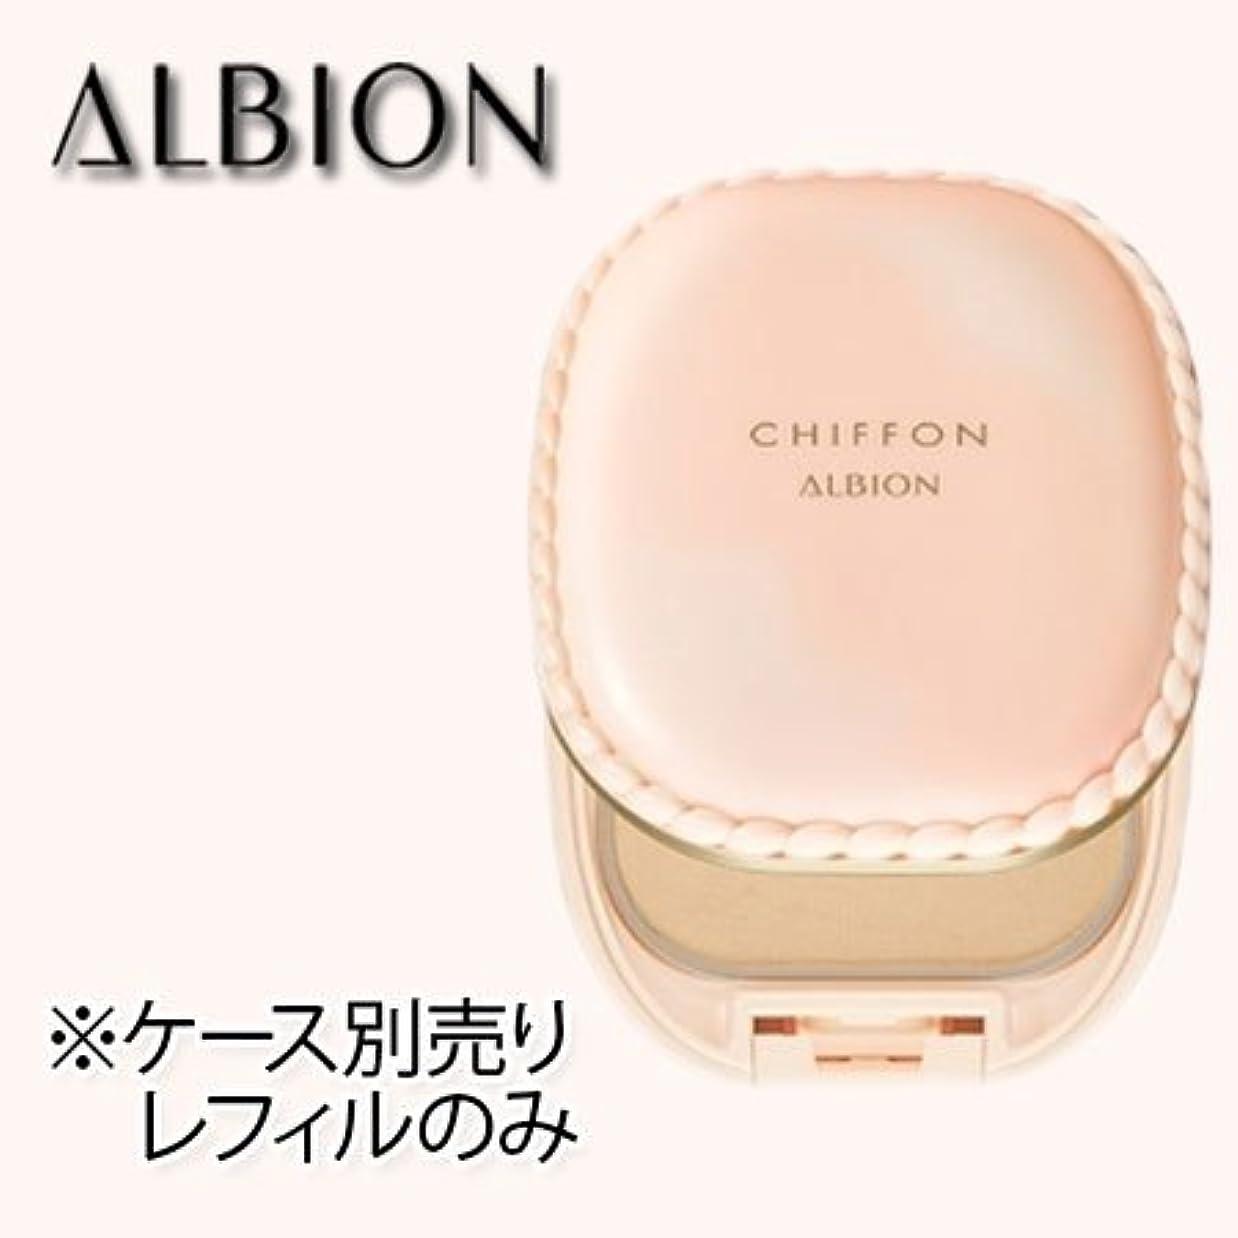 啓発するどれでも感嘆アルビオン スウィート モイスチュア シフォン (レフィル) 10g 6色 SPF22 PA++-ALBION- 050